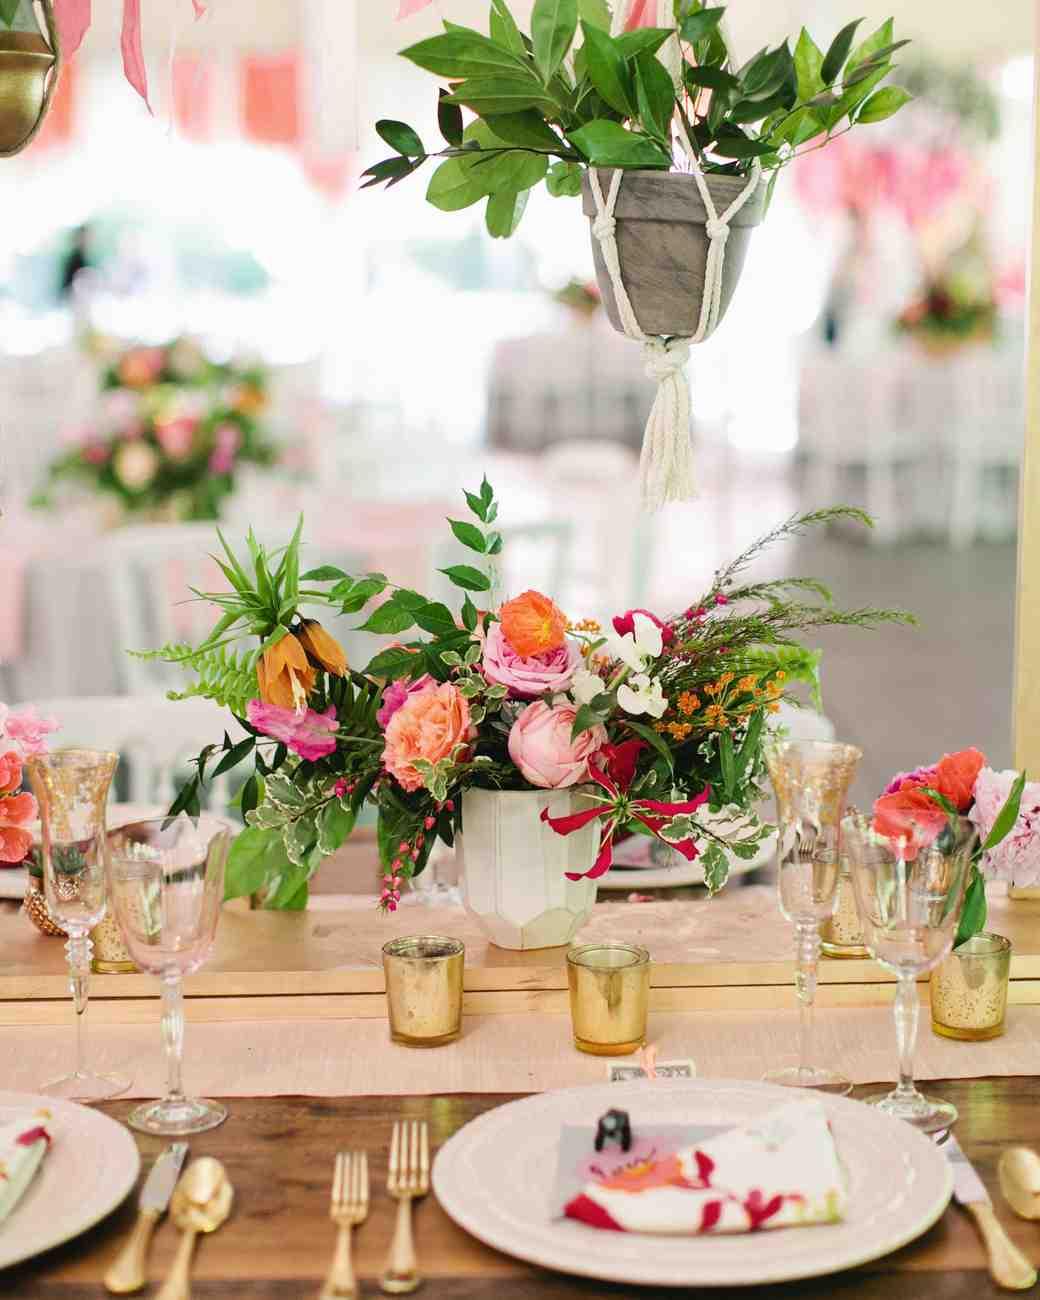 Wedding Reception Picture Ideas: 50 Wedding Centerpiece Ideas We Love